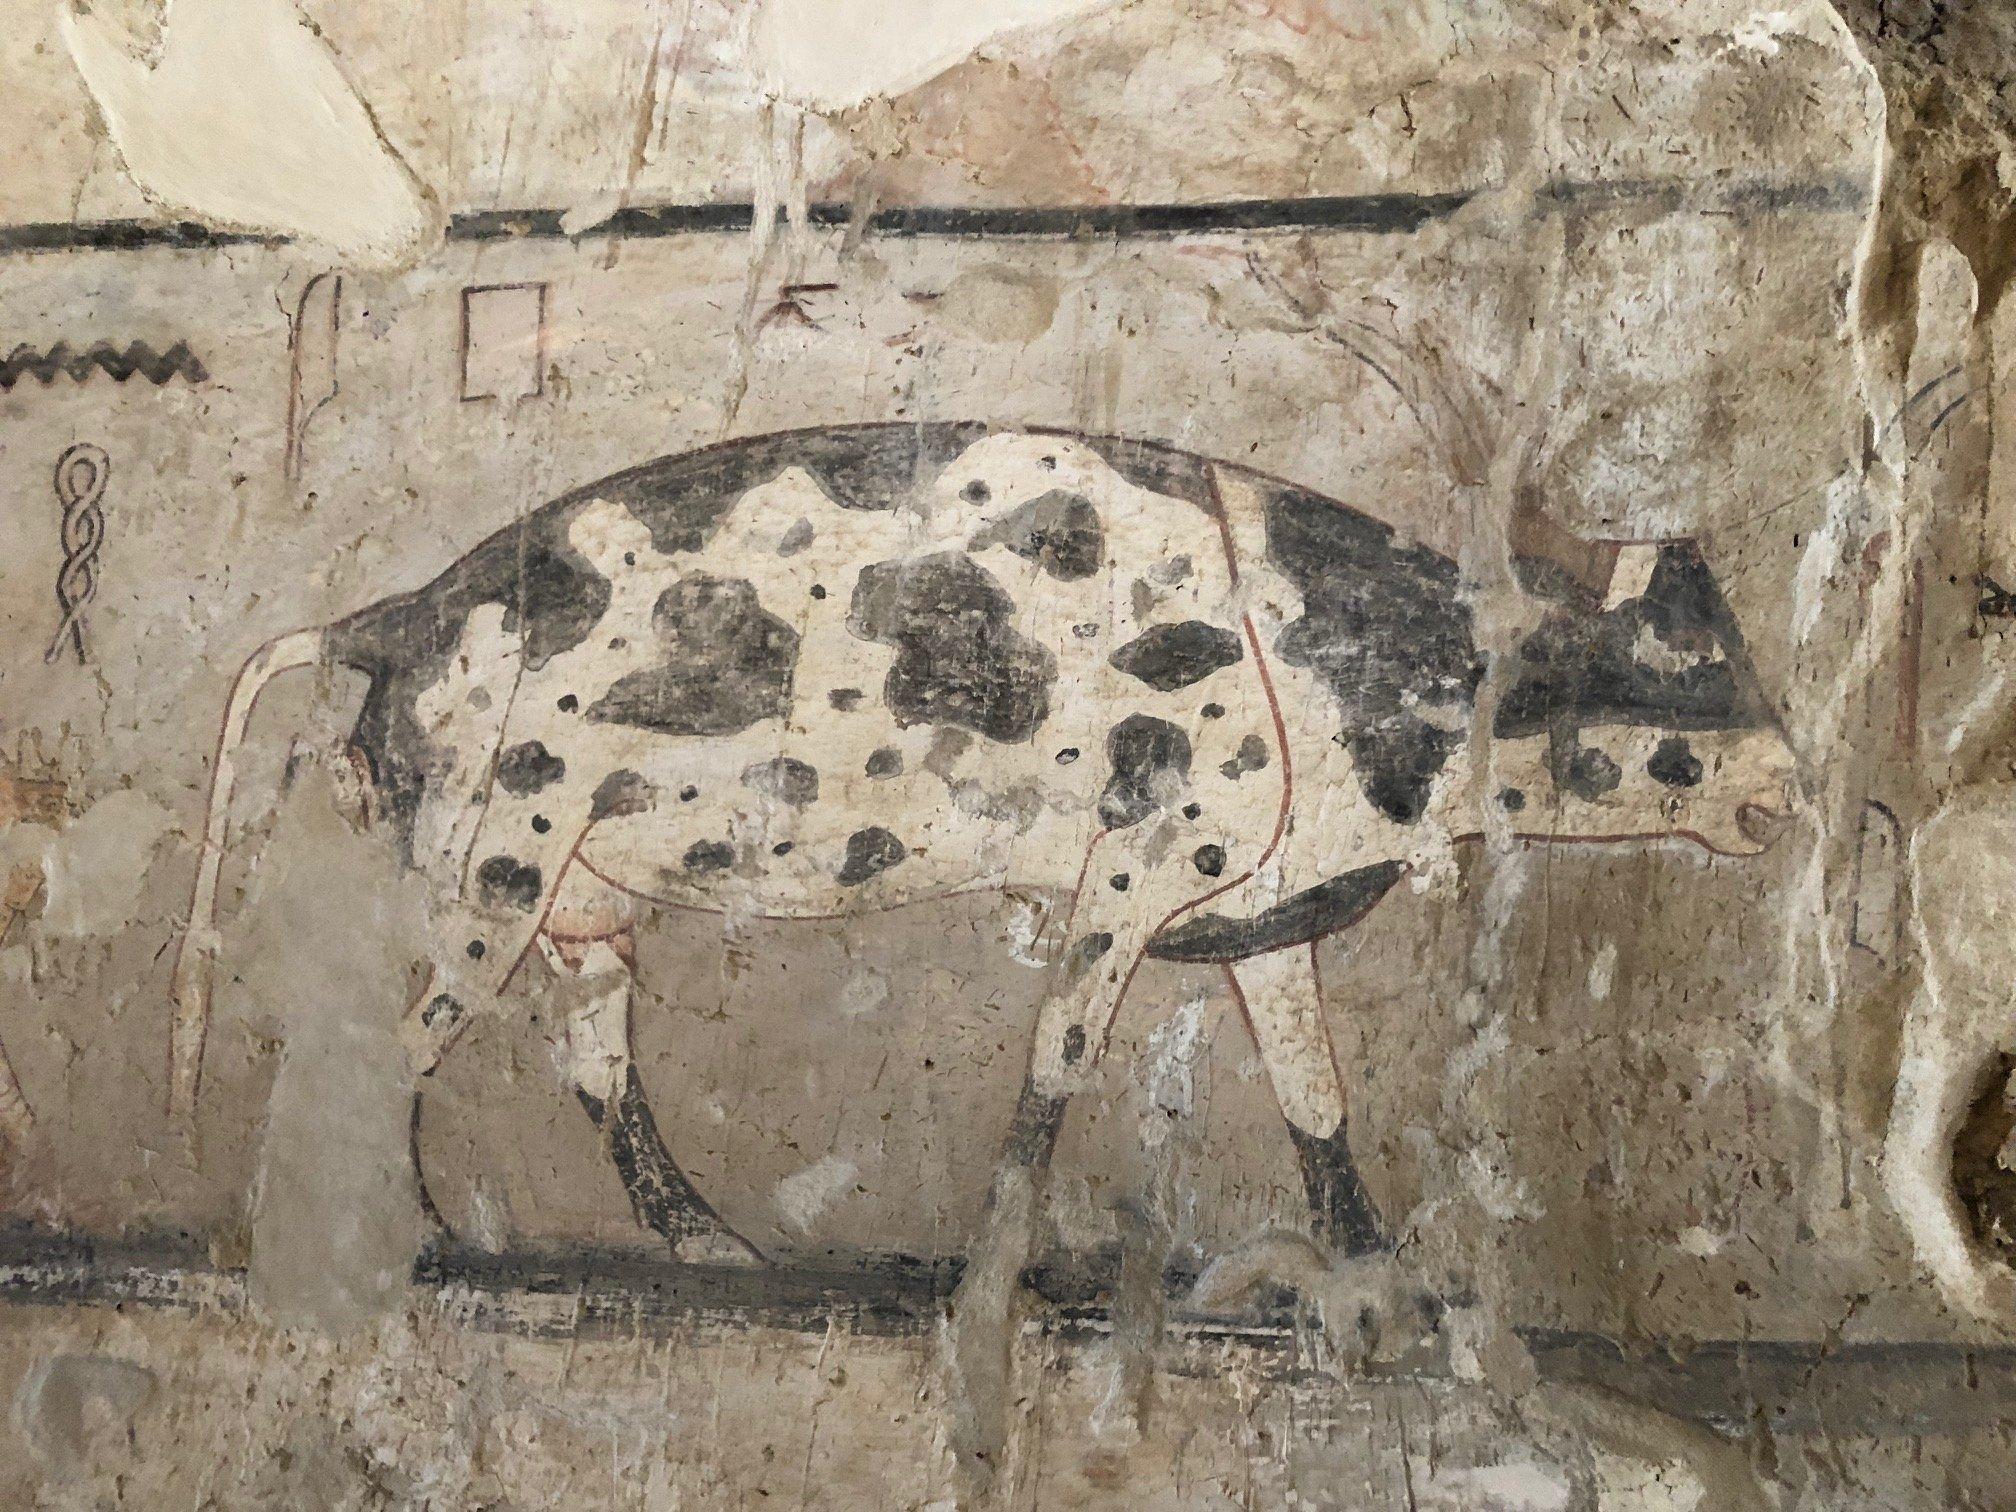 V hrobce byly nalezeny jedinečné barevné nástěnné malby znázorňující každodenní život těch vzdálených časů